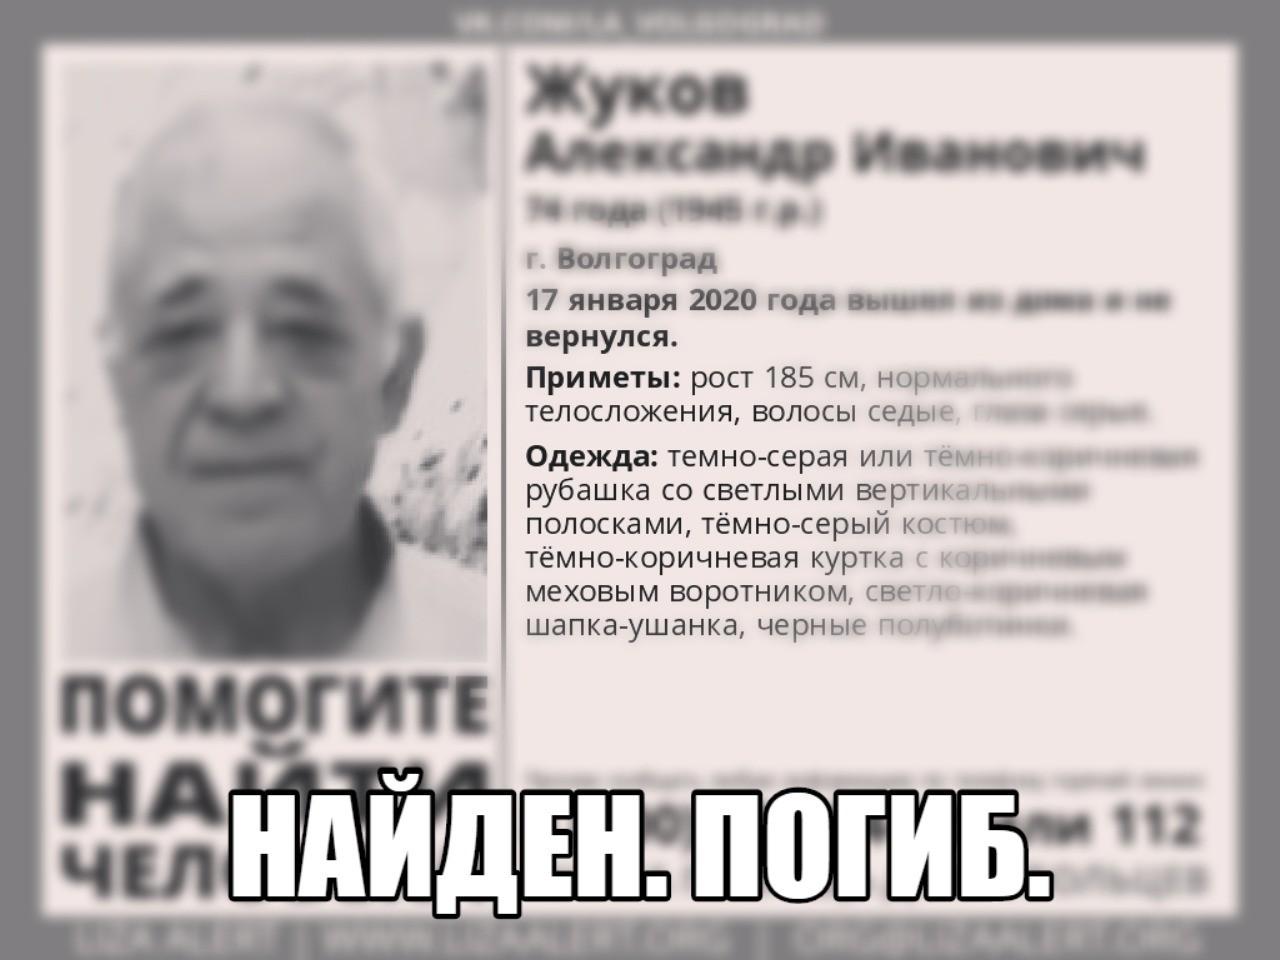 Пропавший в Волгограде пенсионер найден мертвым возле своего дома